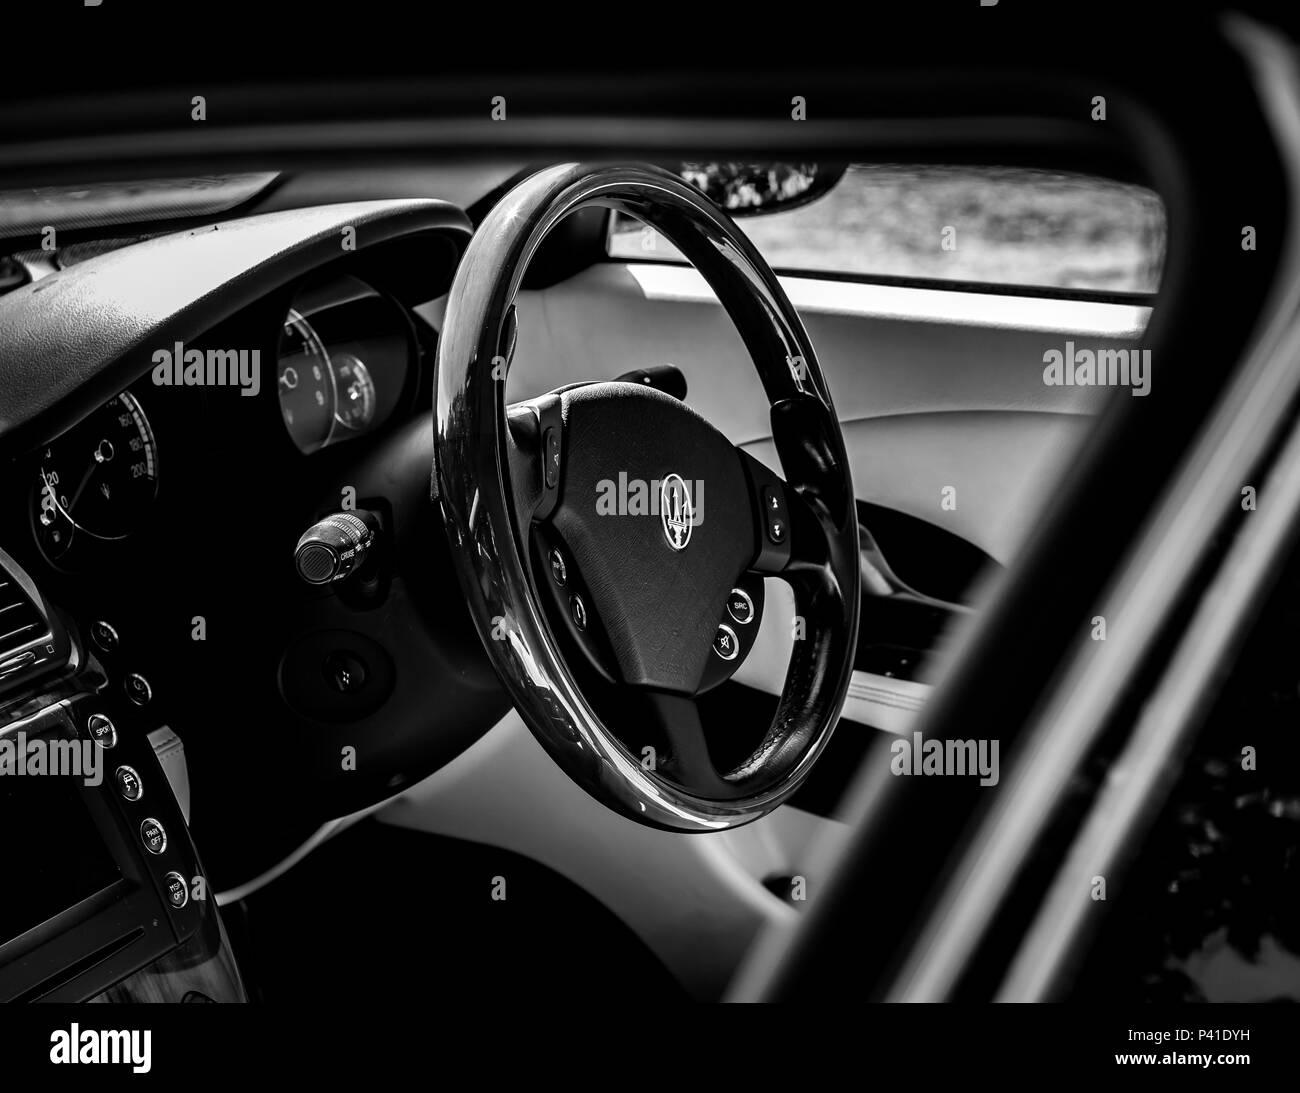 2014 Maserati Quattroporte Interior: Car Steering Wheel Uk Stock Photos & Car Steering Wheel Uk